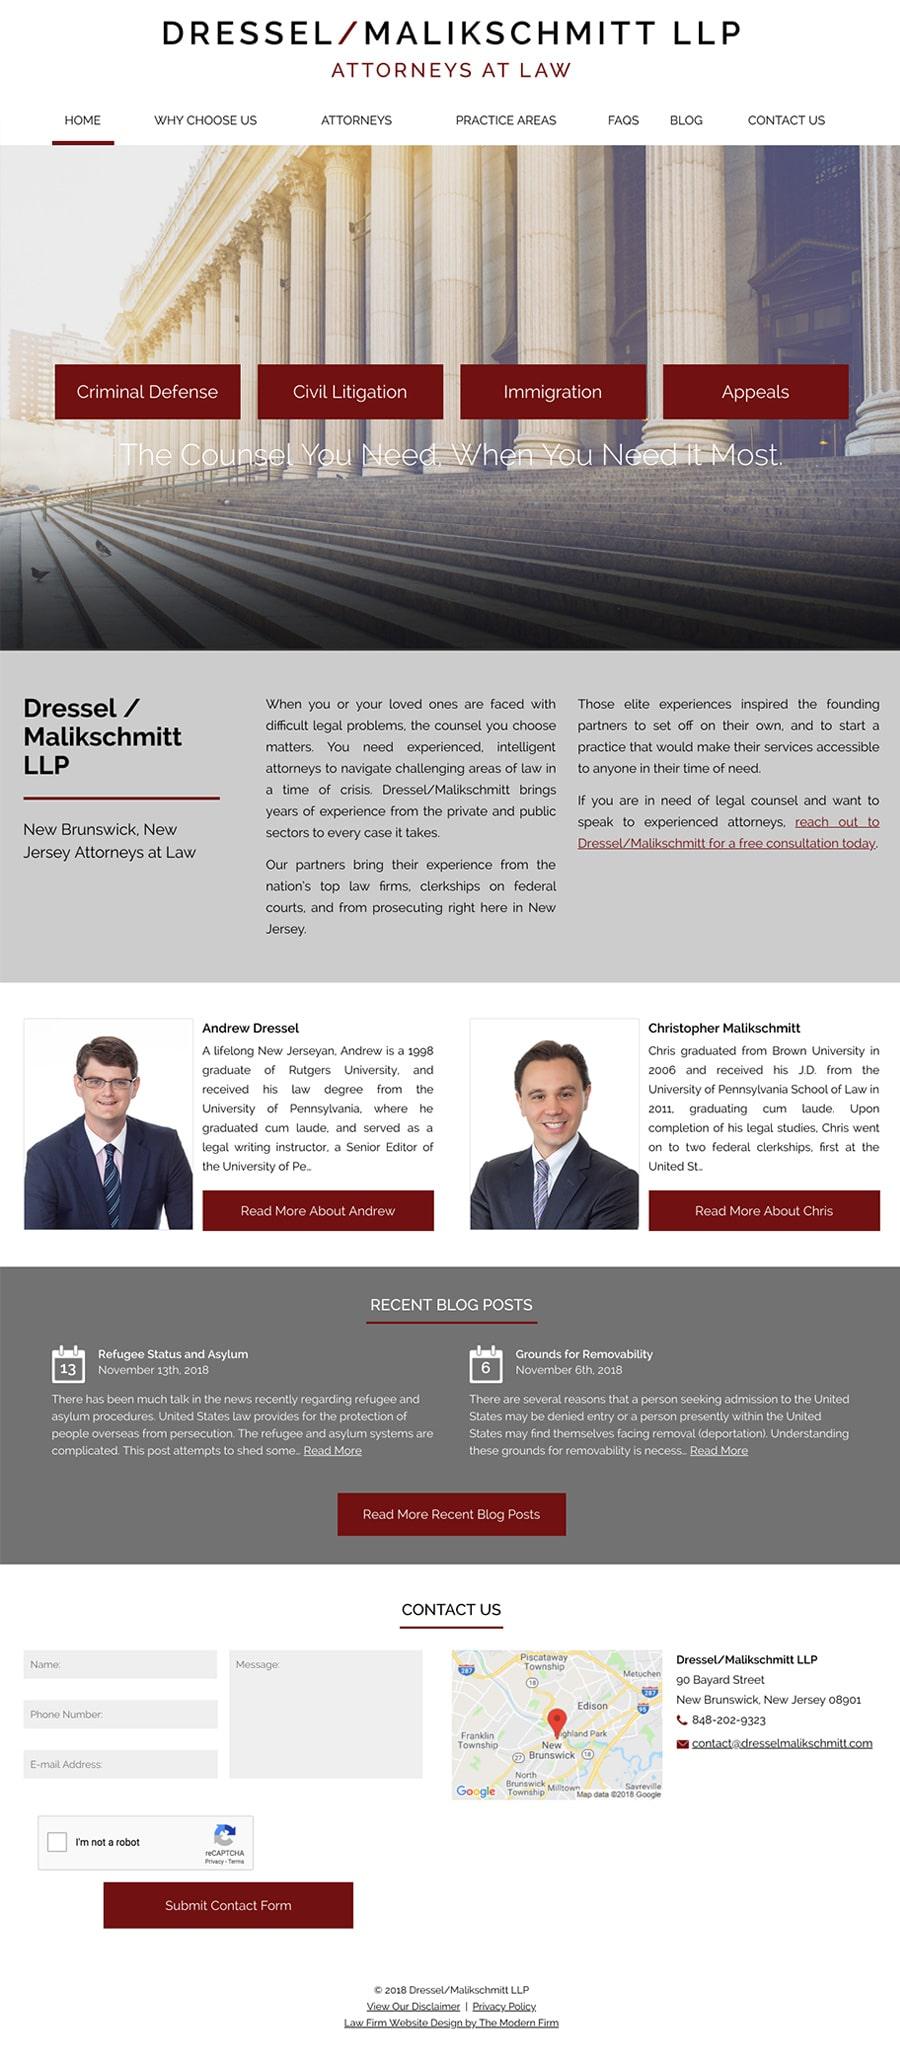 Law Firm Website Design for Dressel/Malikschmitt LLP